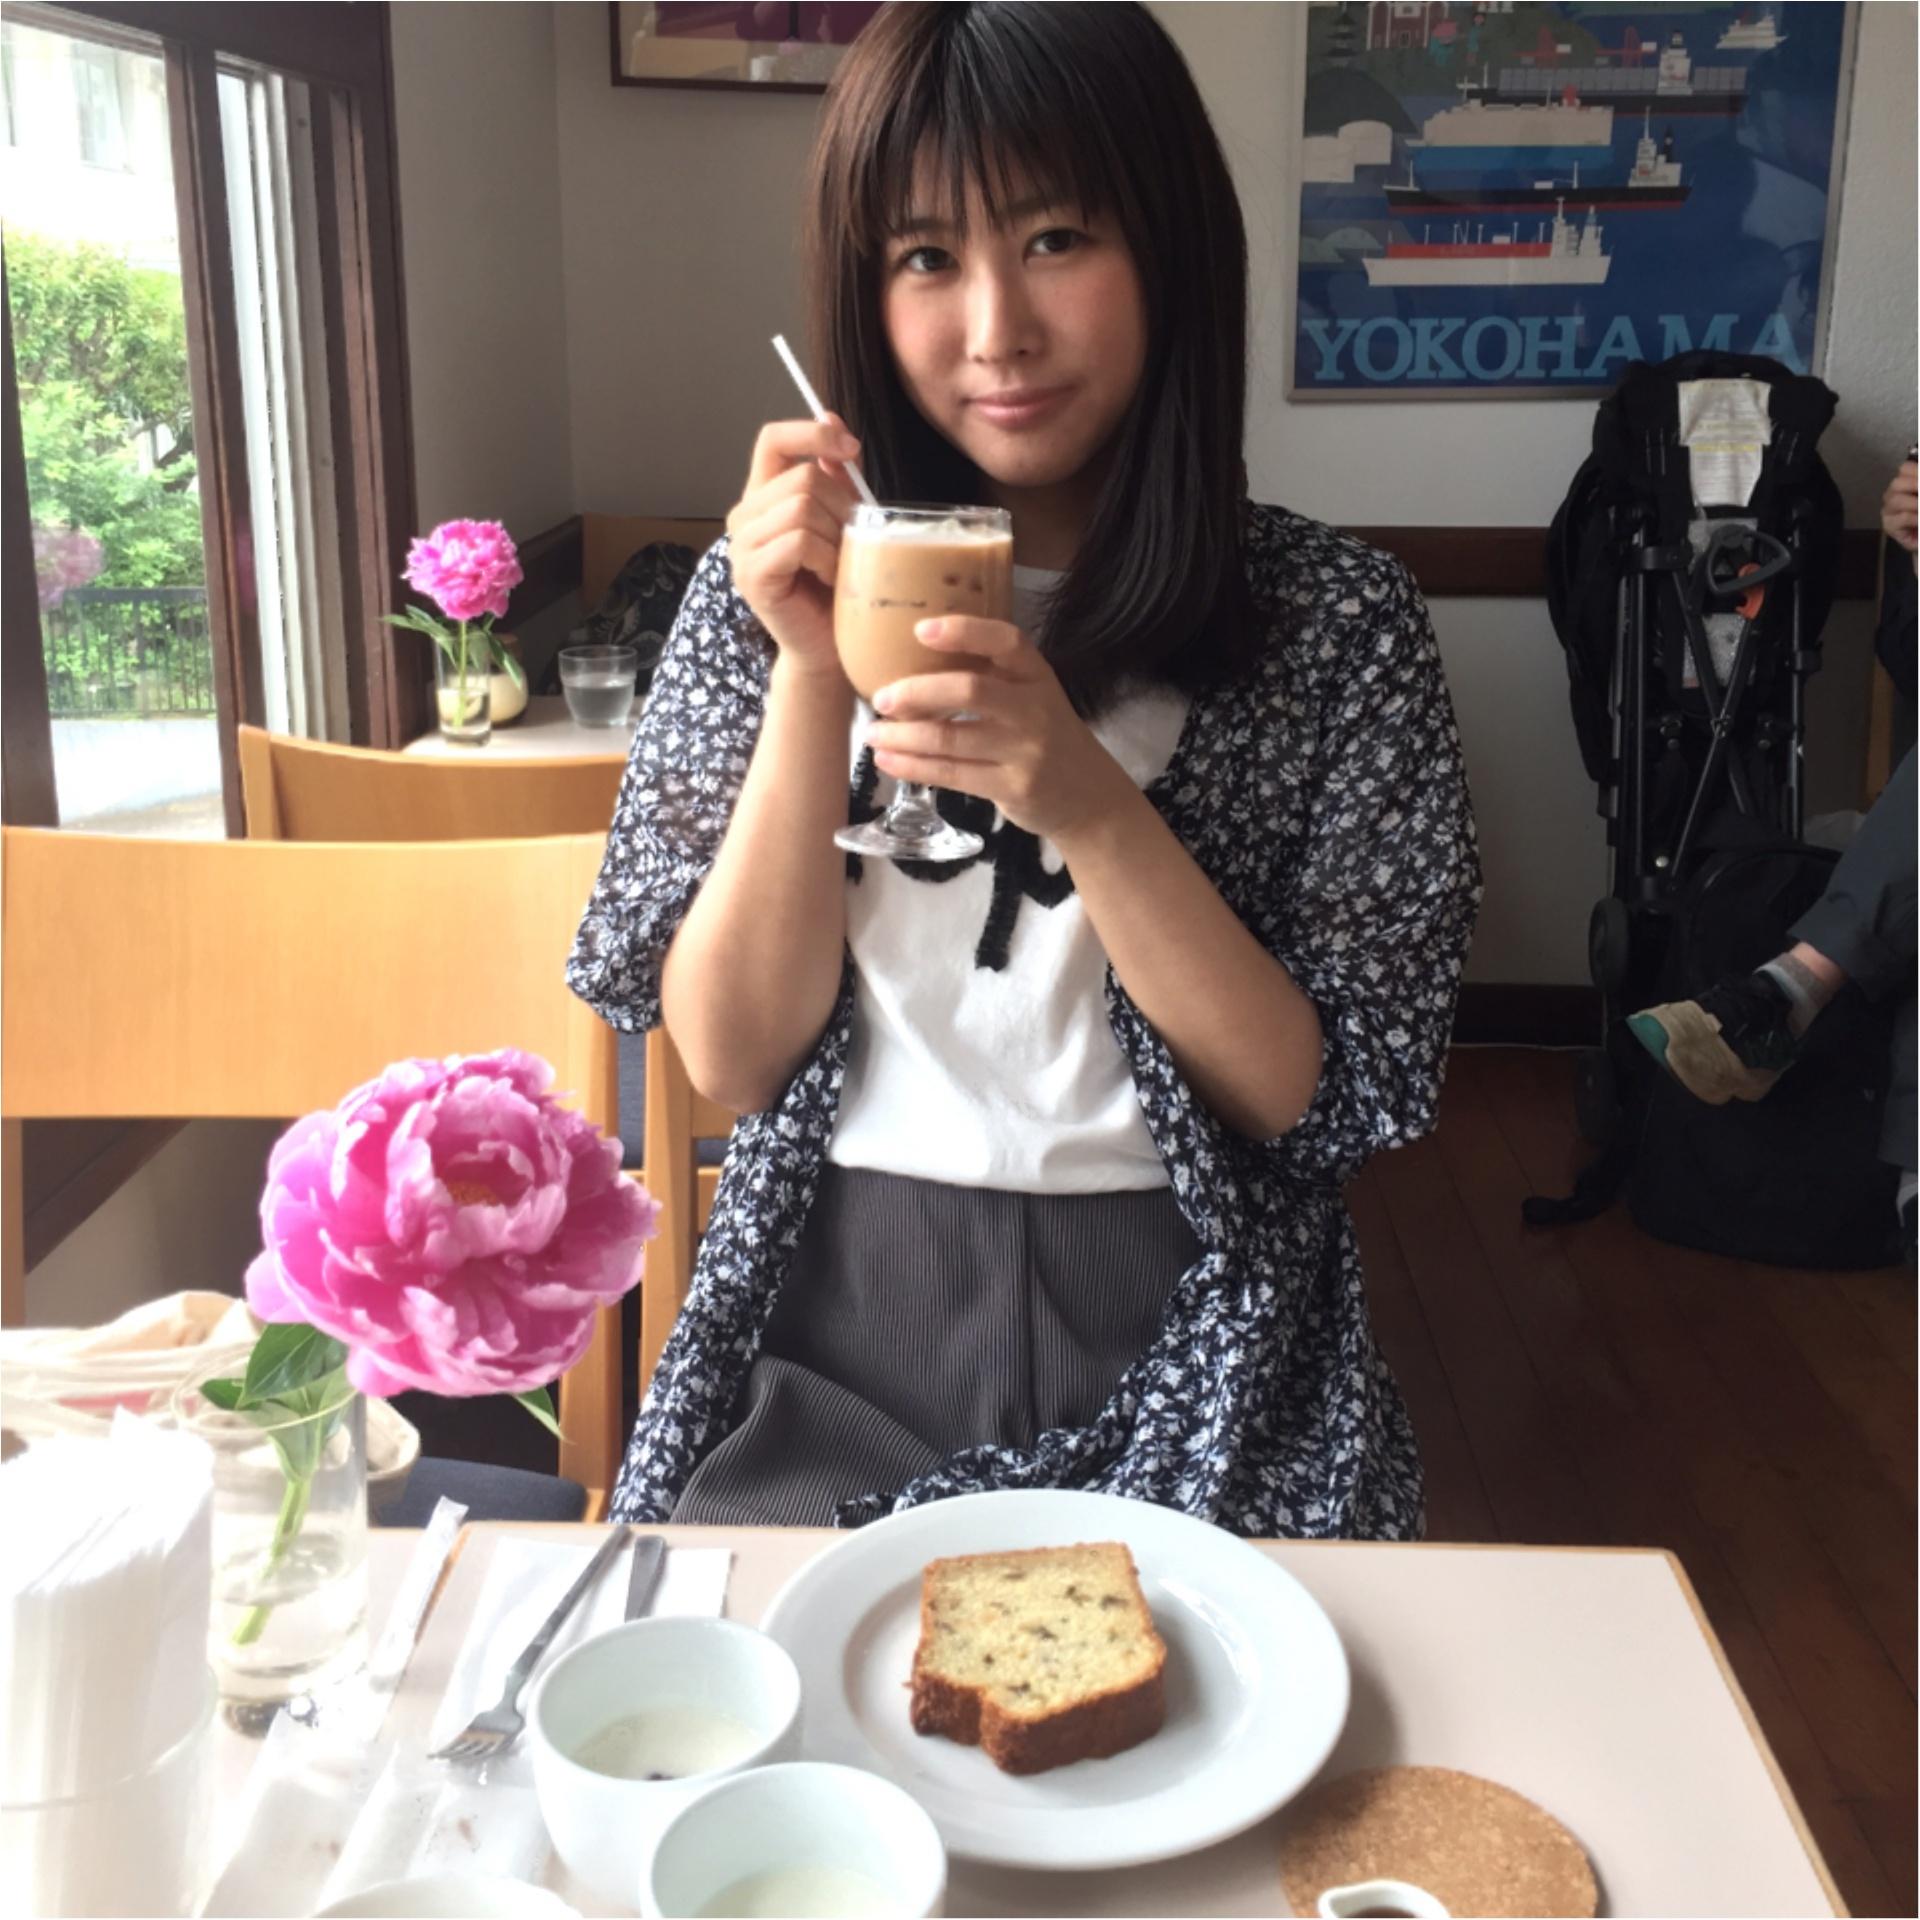 横浜女子旅特集《2019年版》- フォトジェニックな観光スポットから、日本一分厚いパンケーキなど魅力がいっぱい!_38